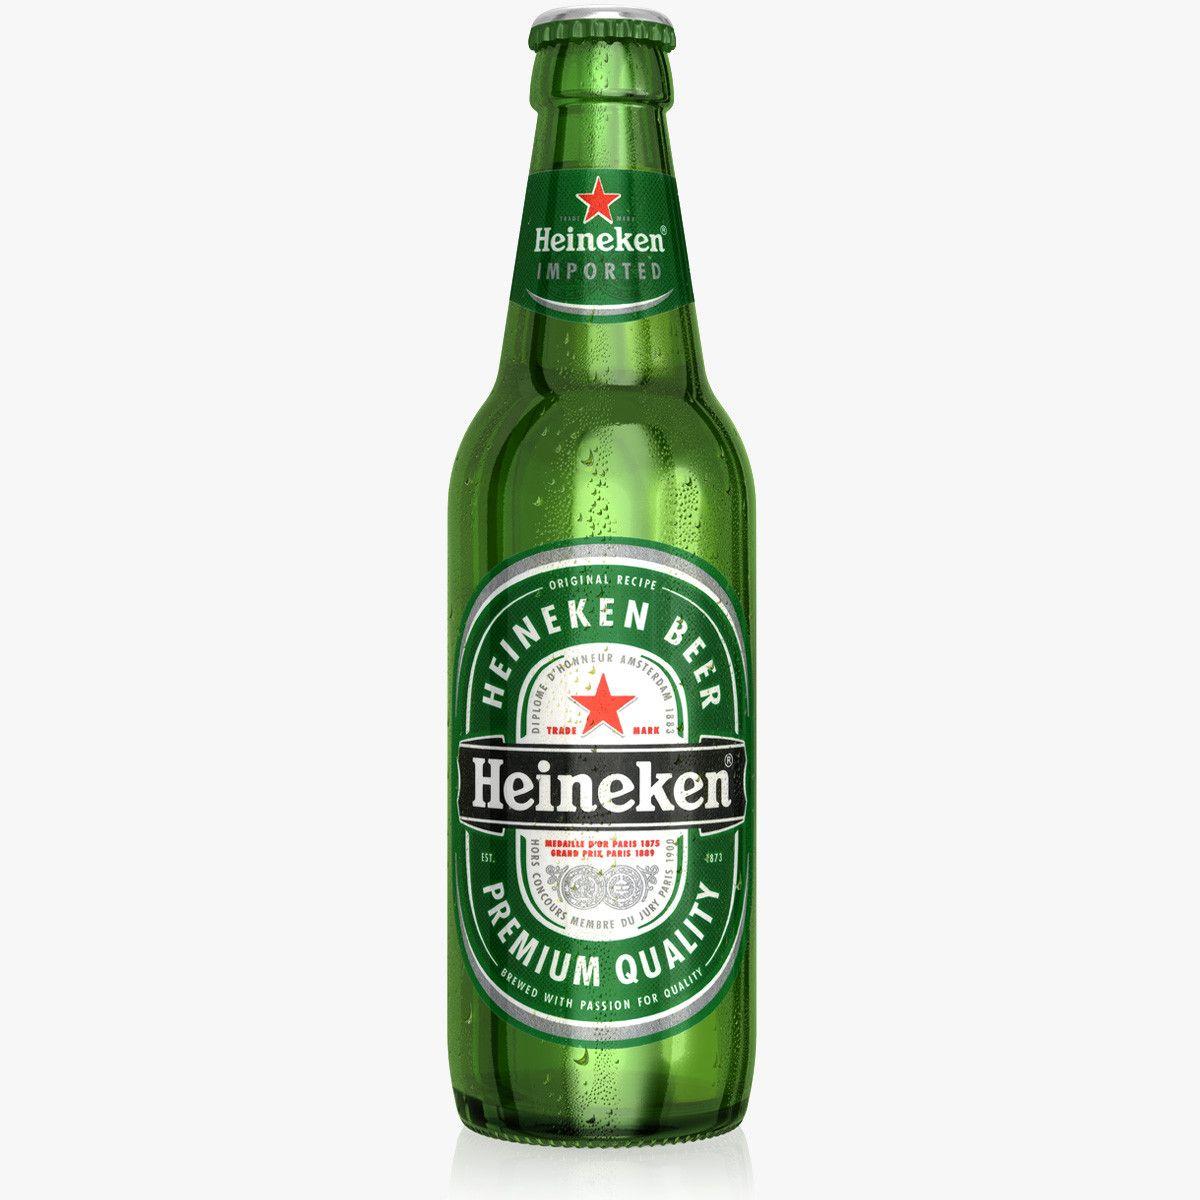 Http Www Turbosquid Com 3d Models Heineken Beer Bottle 3d Model 768202 Heineken Bottle Heineken Beer Bottle Heineken Beer